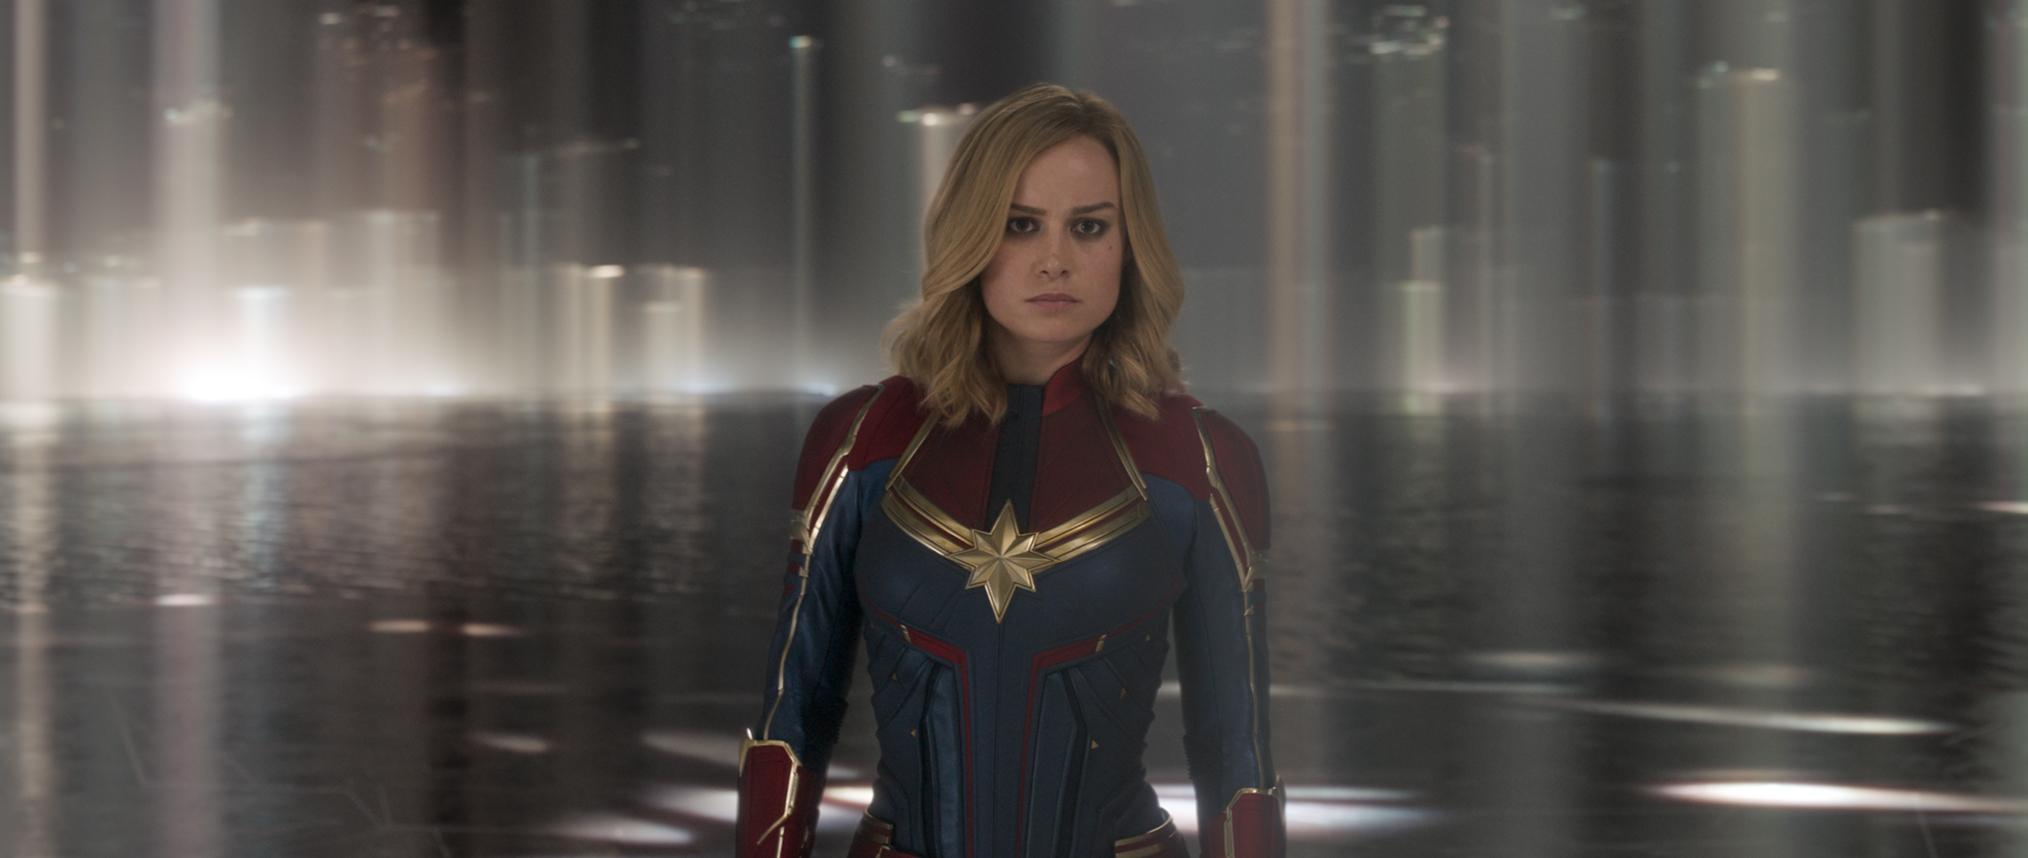 La nouvelle édition de Captain Marvel arrive.  Photo: (IMDB)